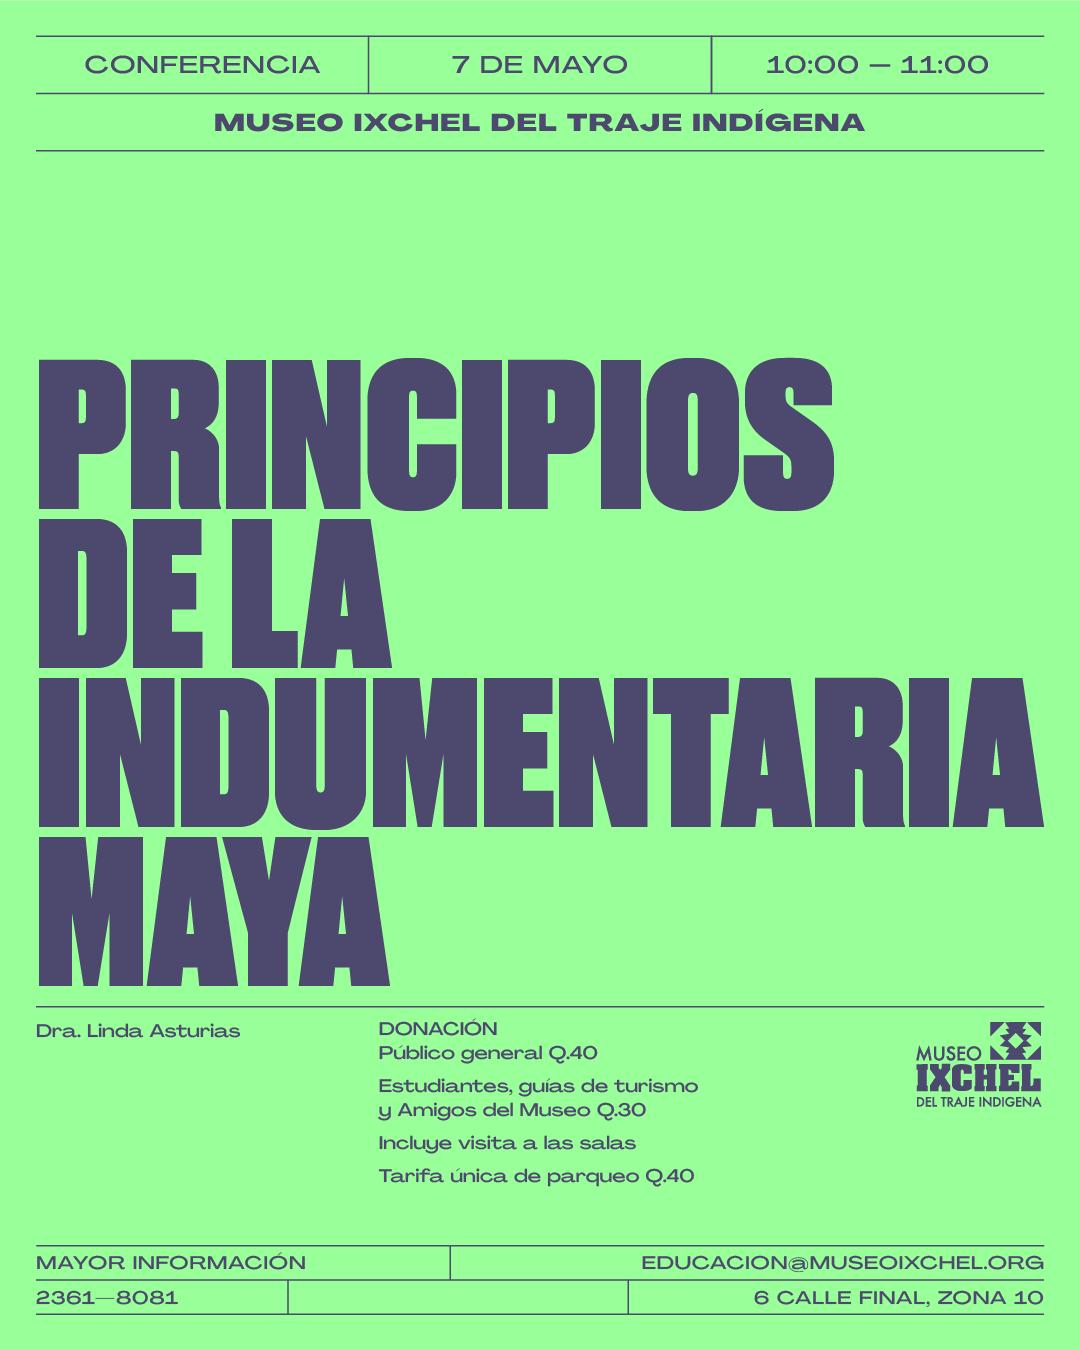 Invitación finalizada Conferencia MAyo 2019 .png